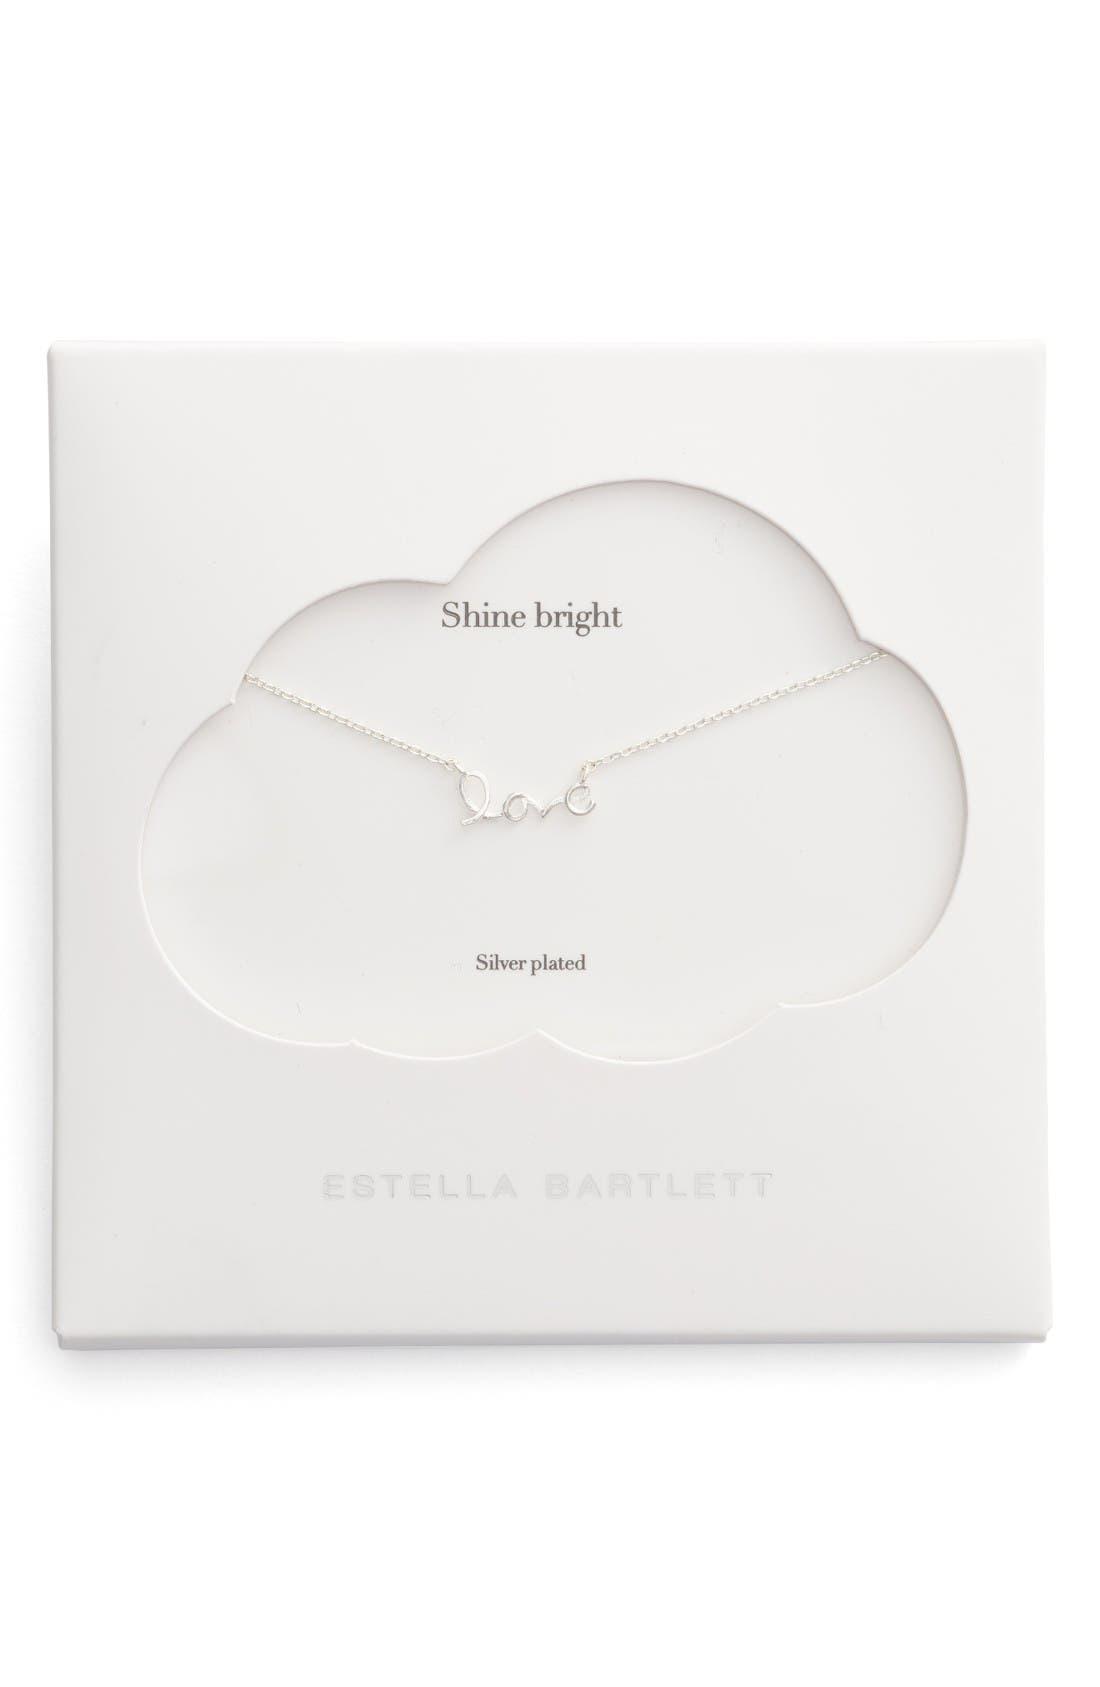 ESTELLA BARTLETT Shine Bright Love Script Necklace